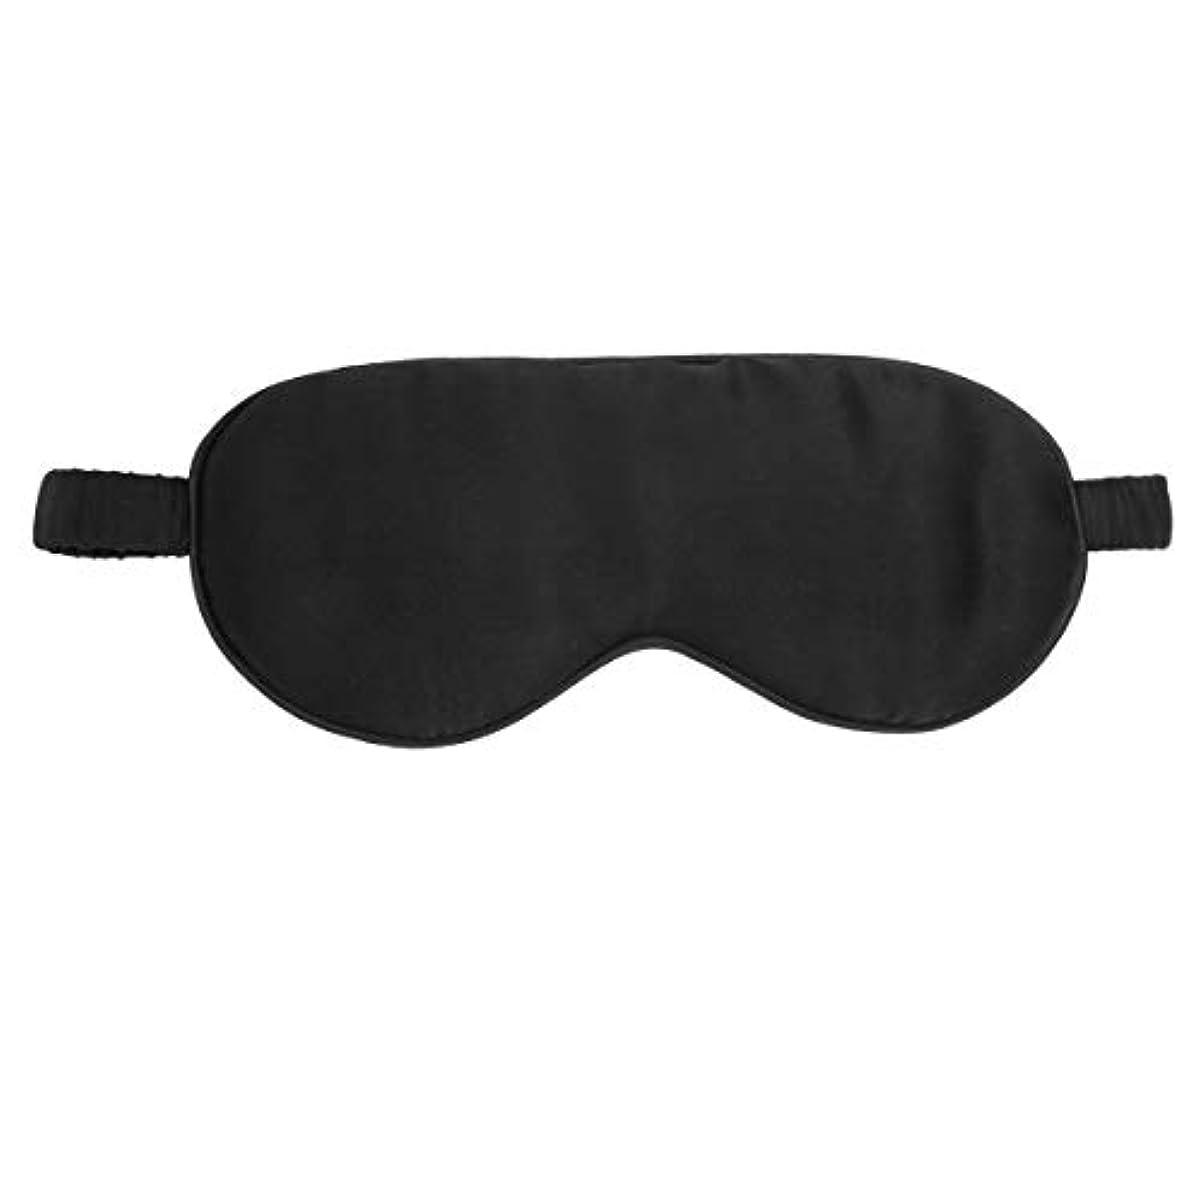 郡シンジケート常習的SUPVOX アイマスク 安眠アイマスク 睡眠 遮光 マスク シルク 圧迫感なし 目に優しい 軽量 旅行 飛行機 疲労回復 男女兼用